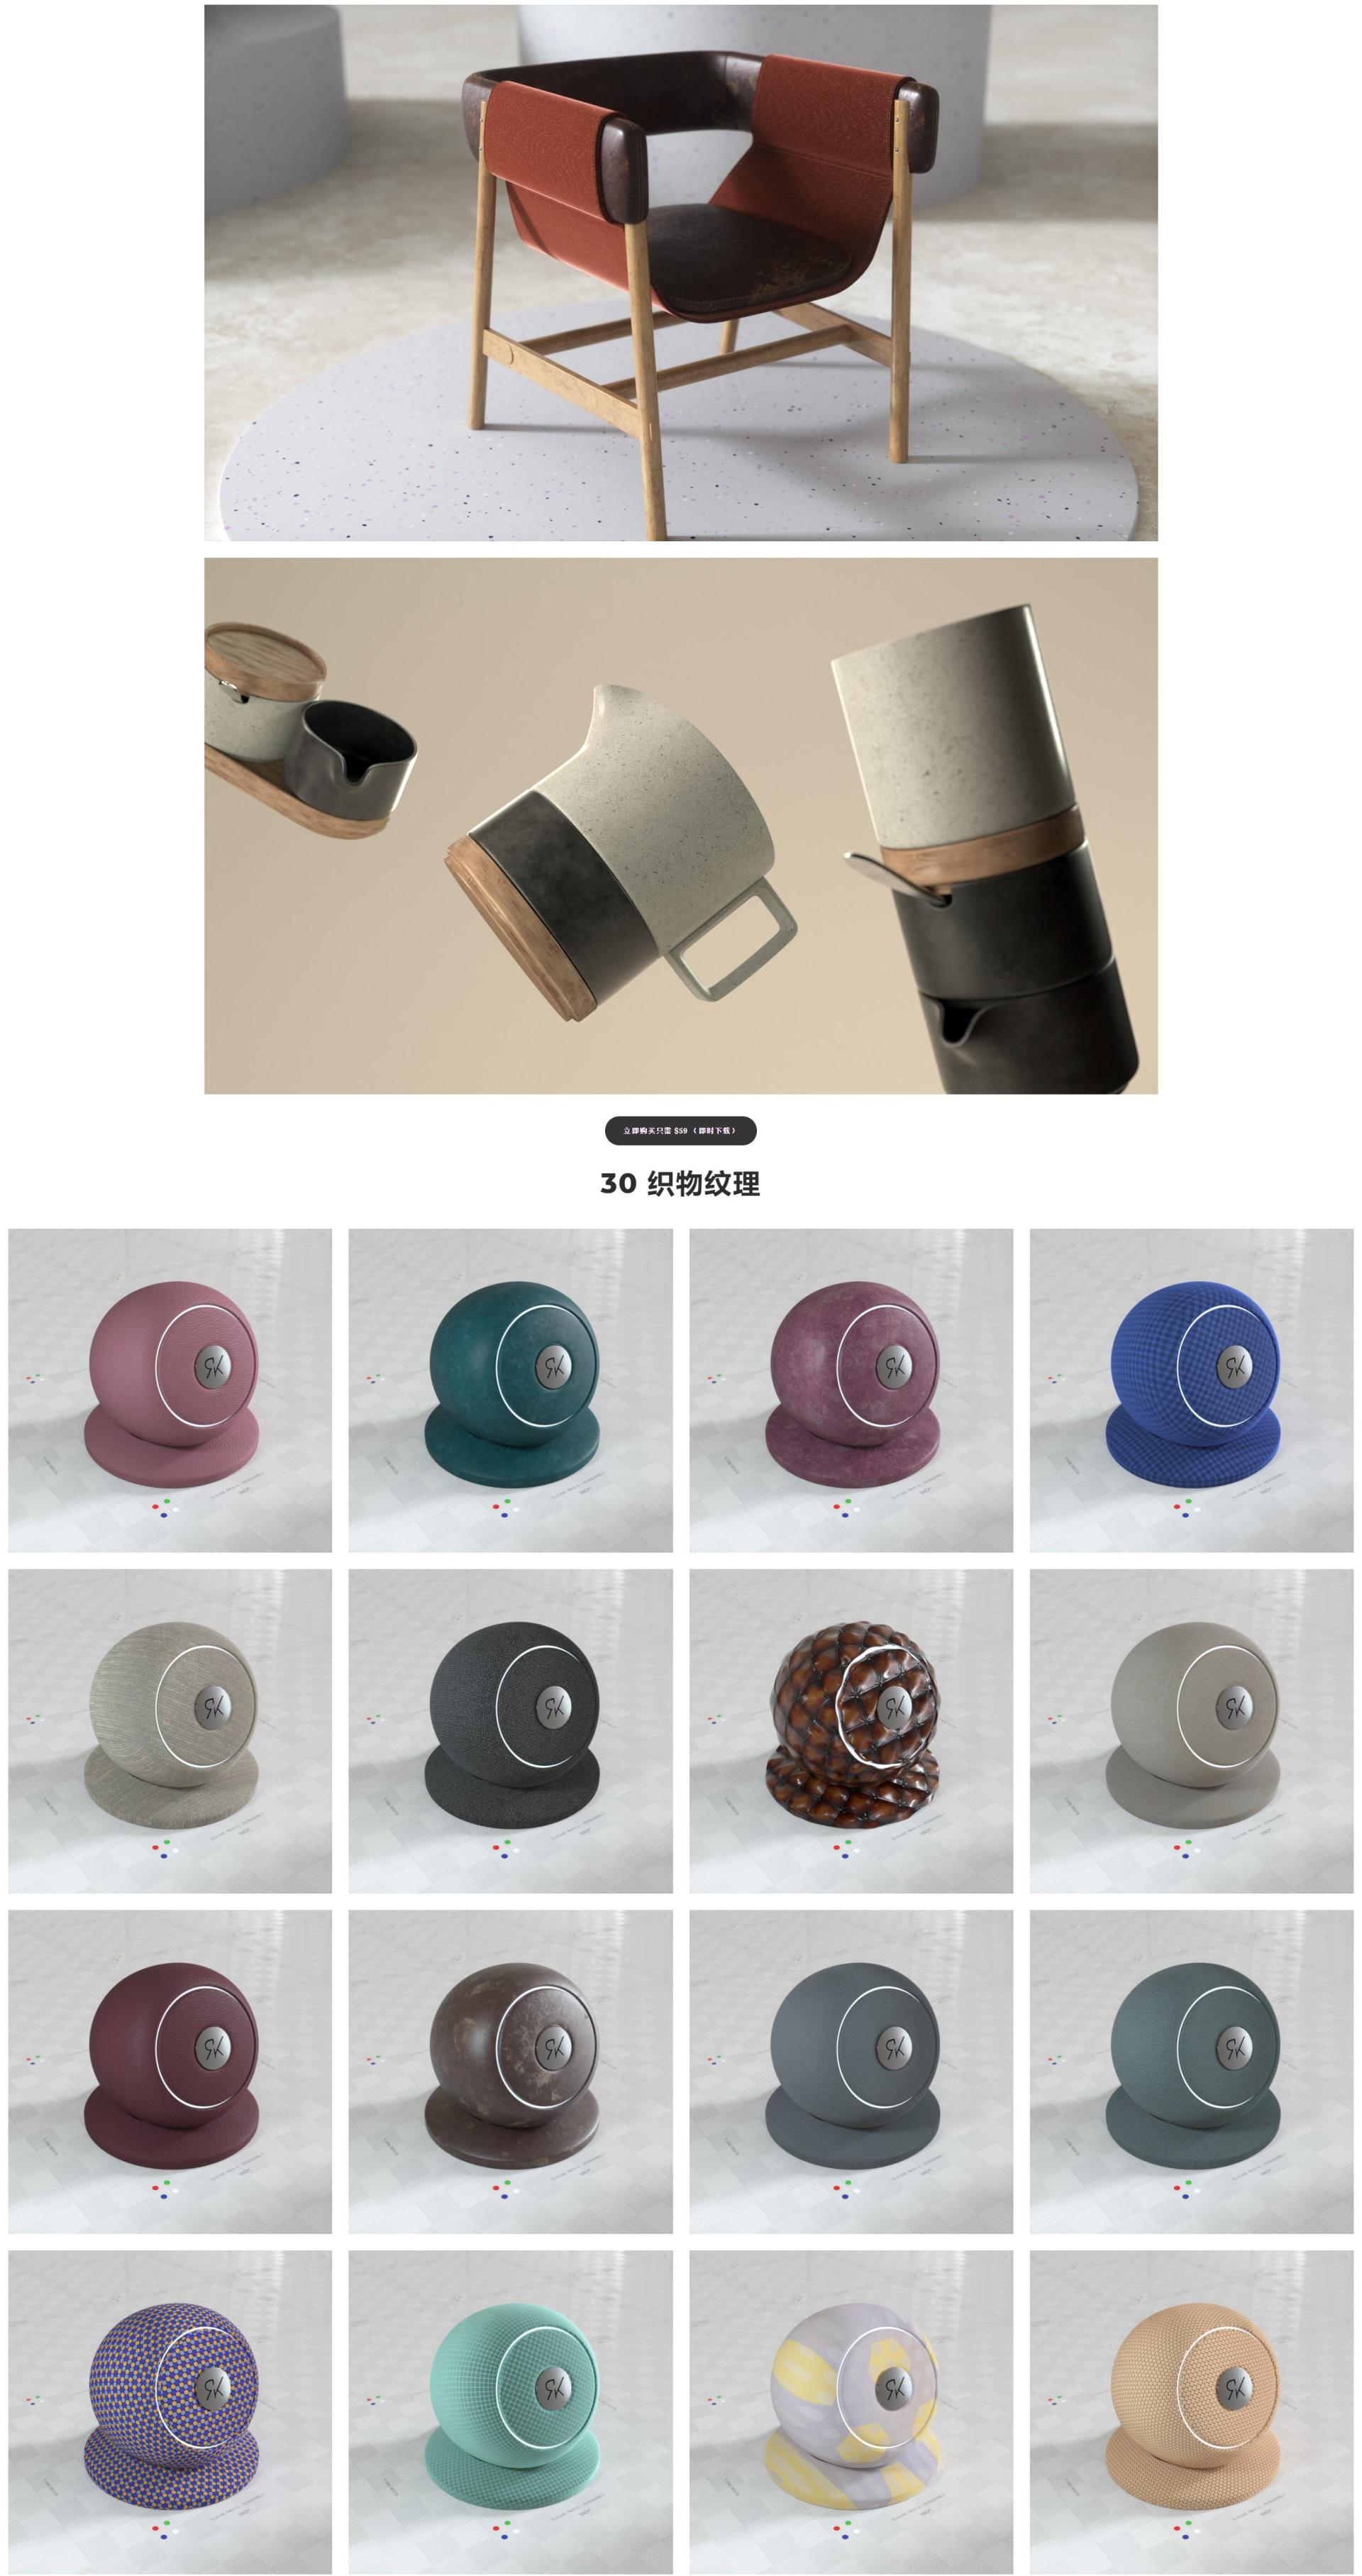 C4素材网-【OC材质球】室内设计材质球预设